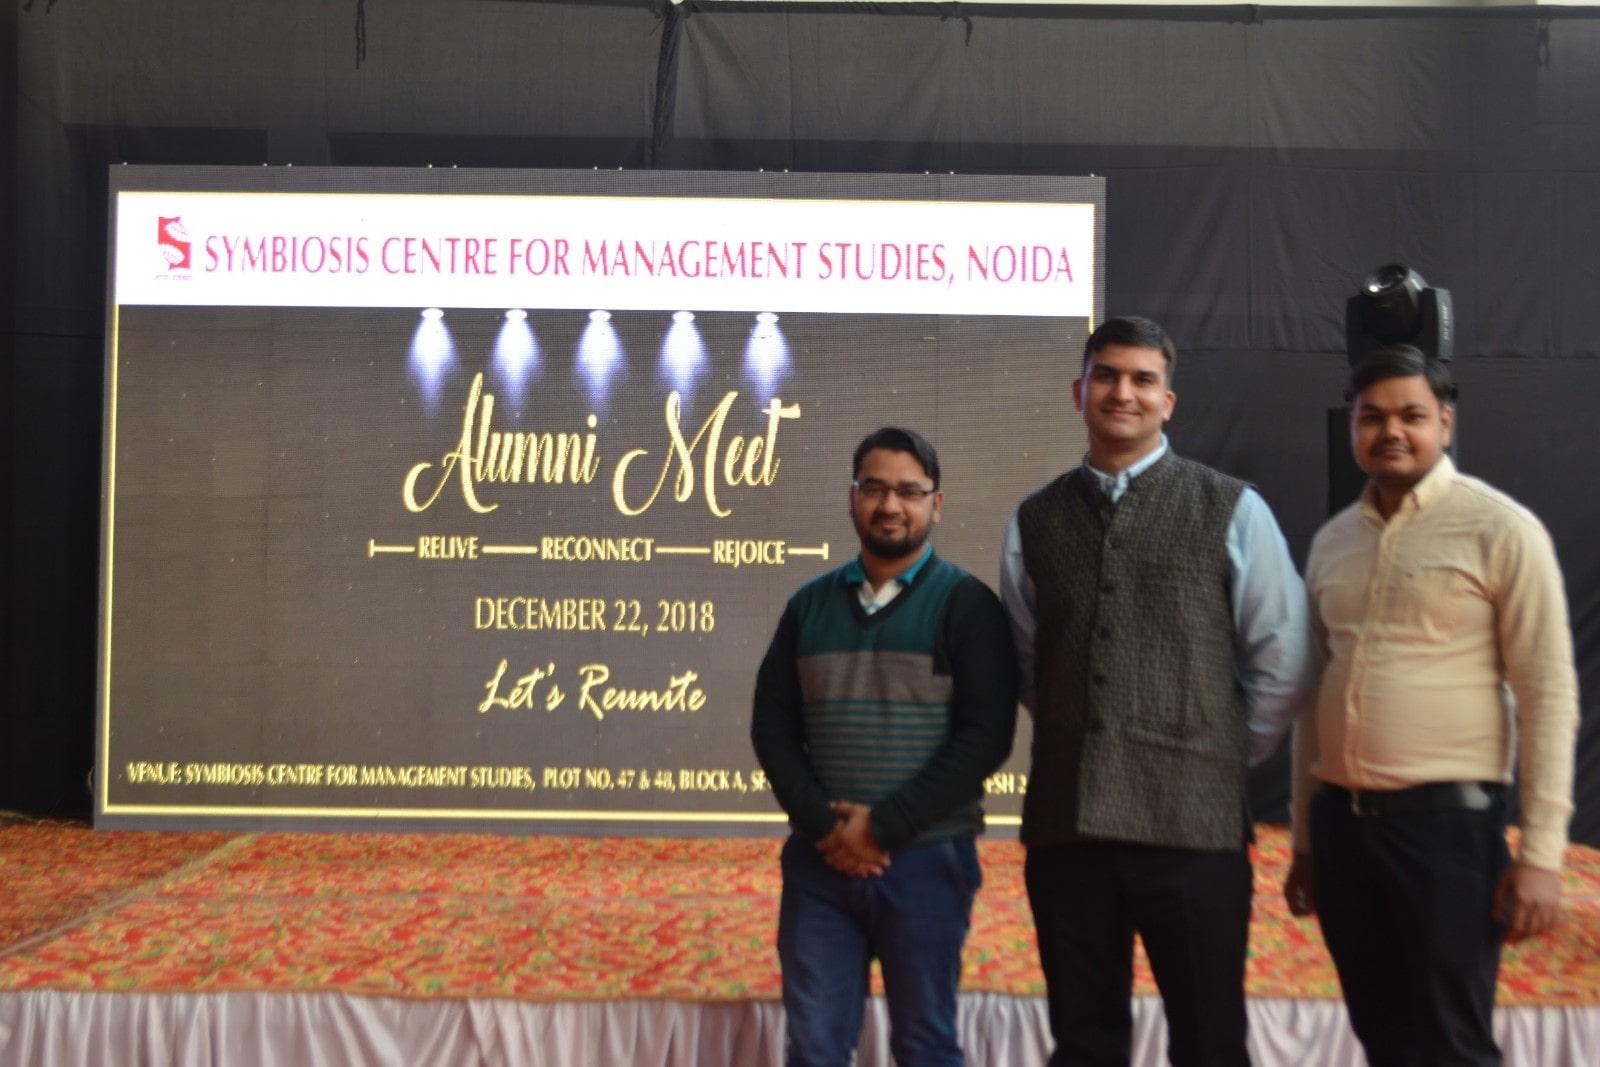 Alumni of 2018 SCMS NOIDA